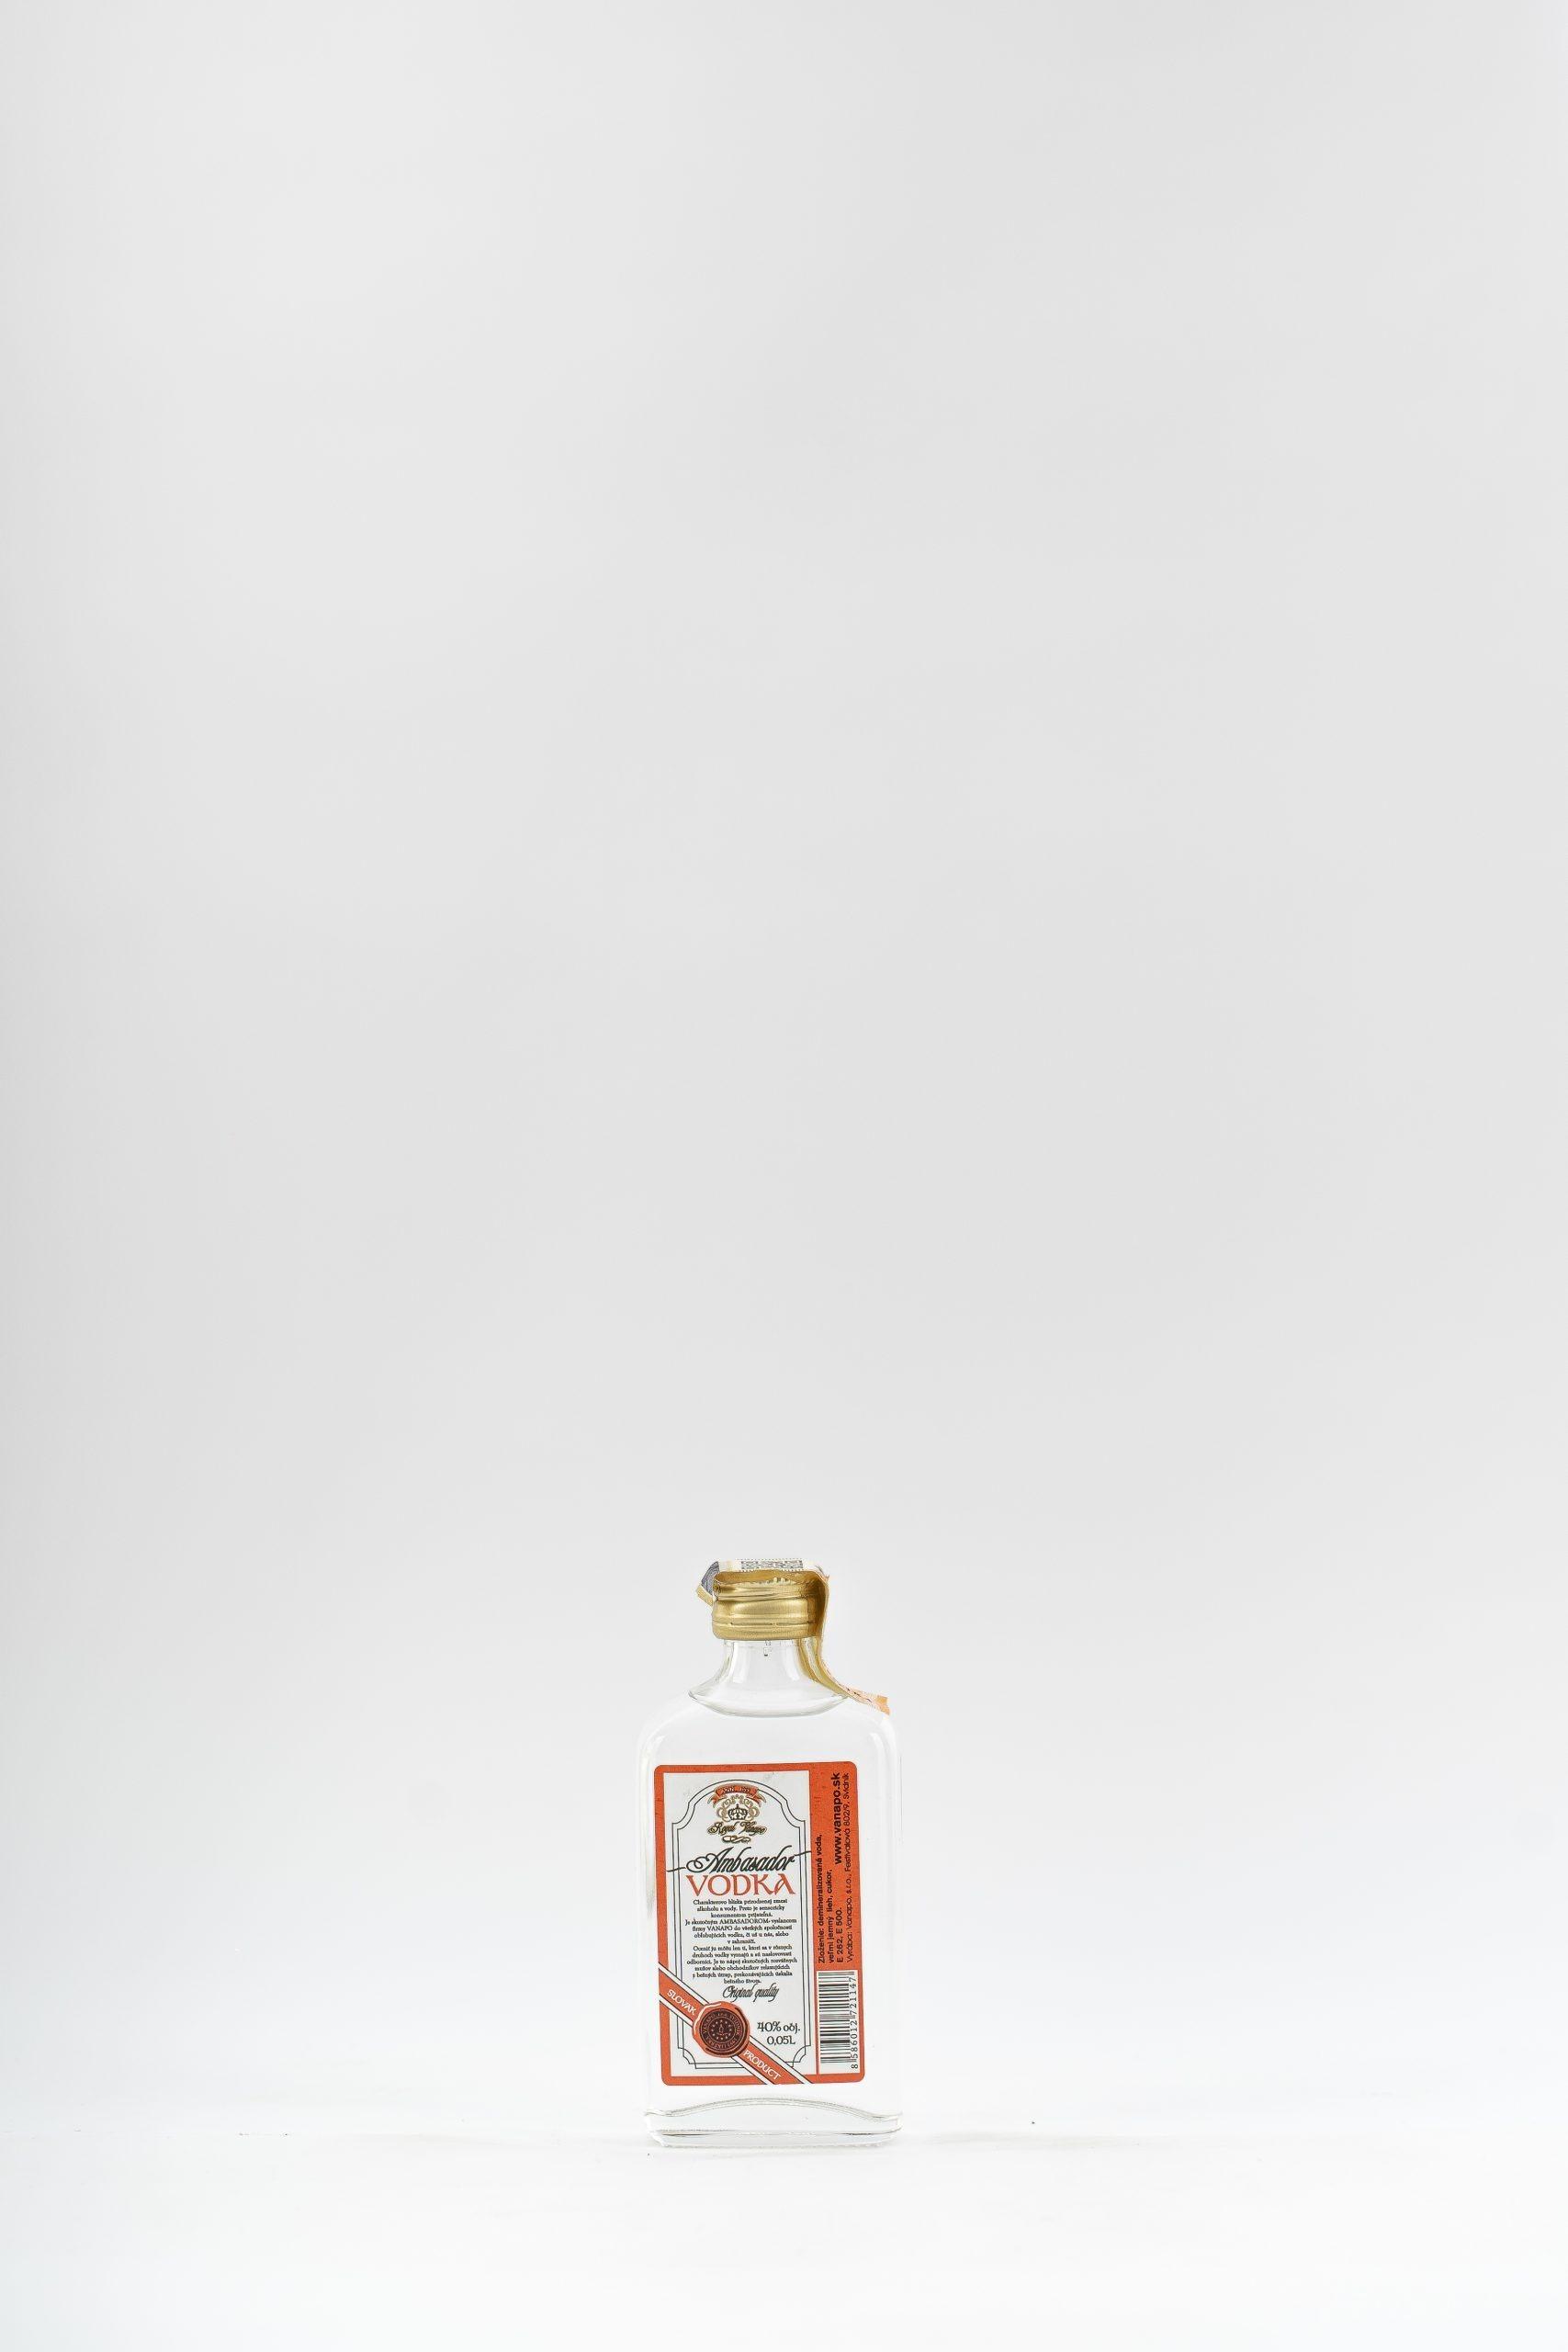 8586012721147 Vodka Ambasador 005 l 40 scaled 1 - Ambasador Vodka Royal